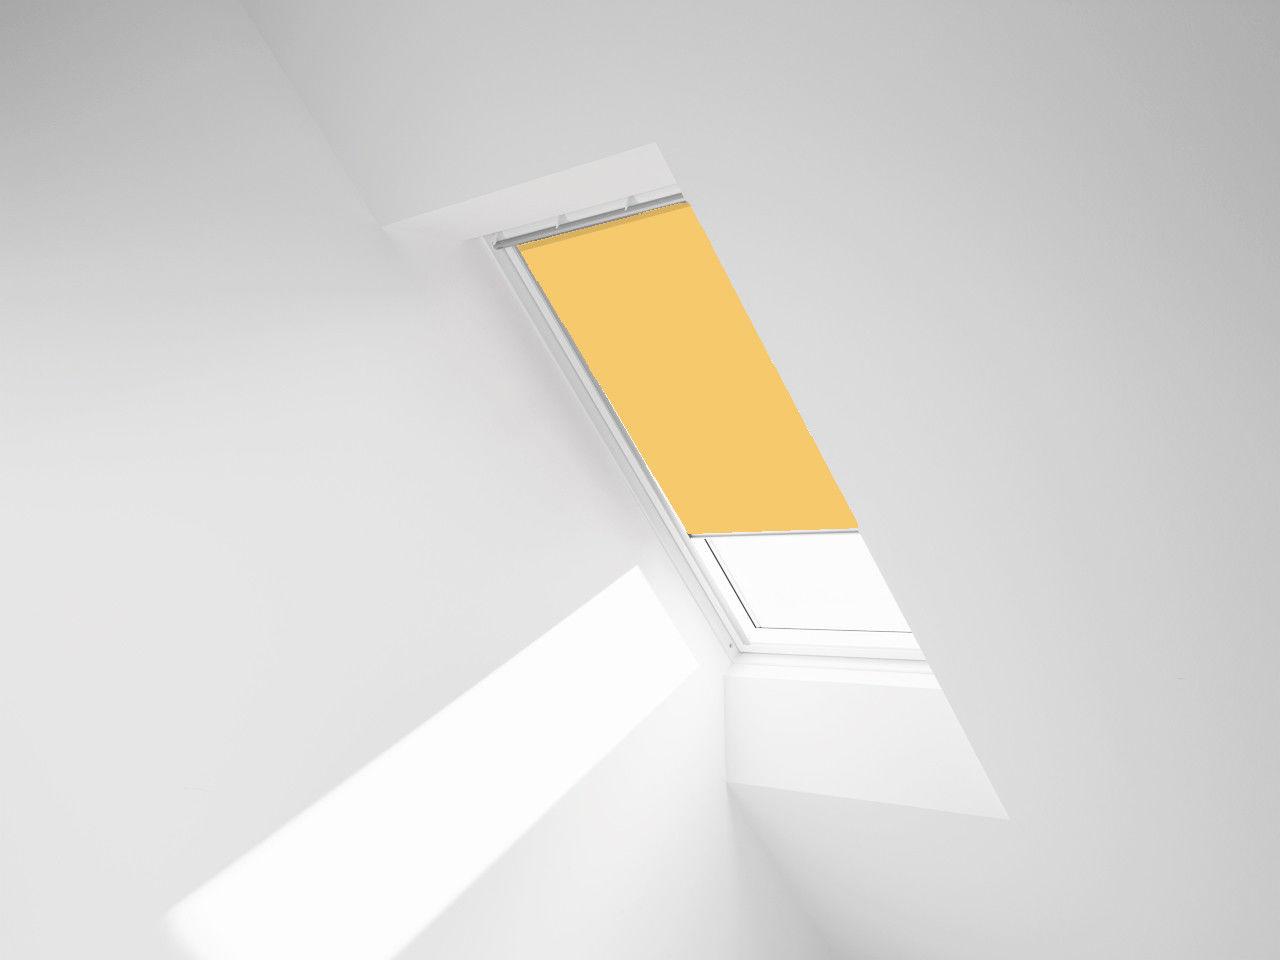 ROLETA ZACIEMNIAJĄCA ROOFART DUR - kolor 4233 (żółty) - 66x118 F6A